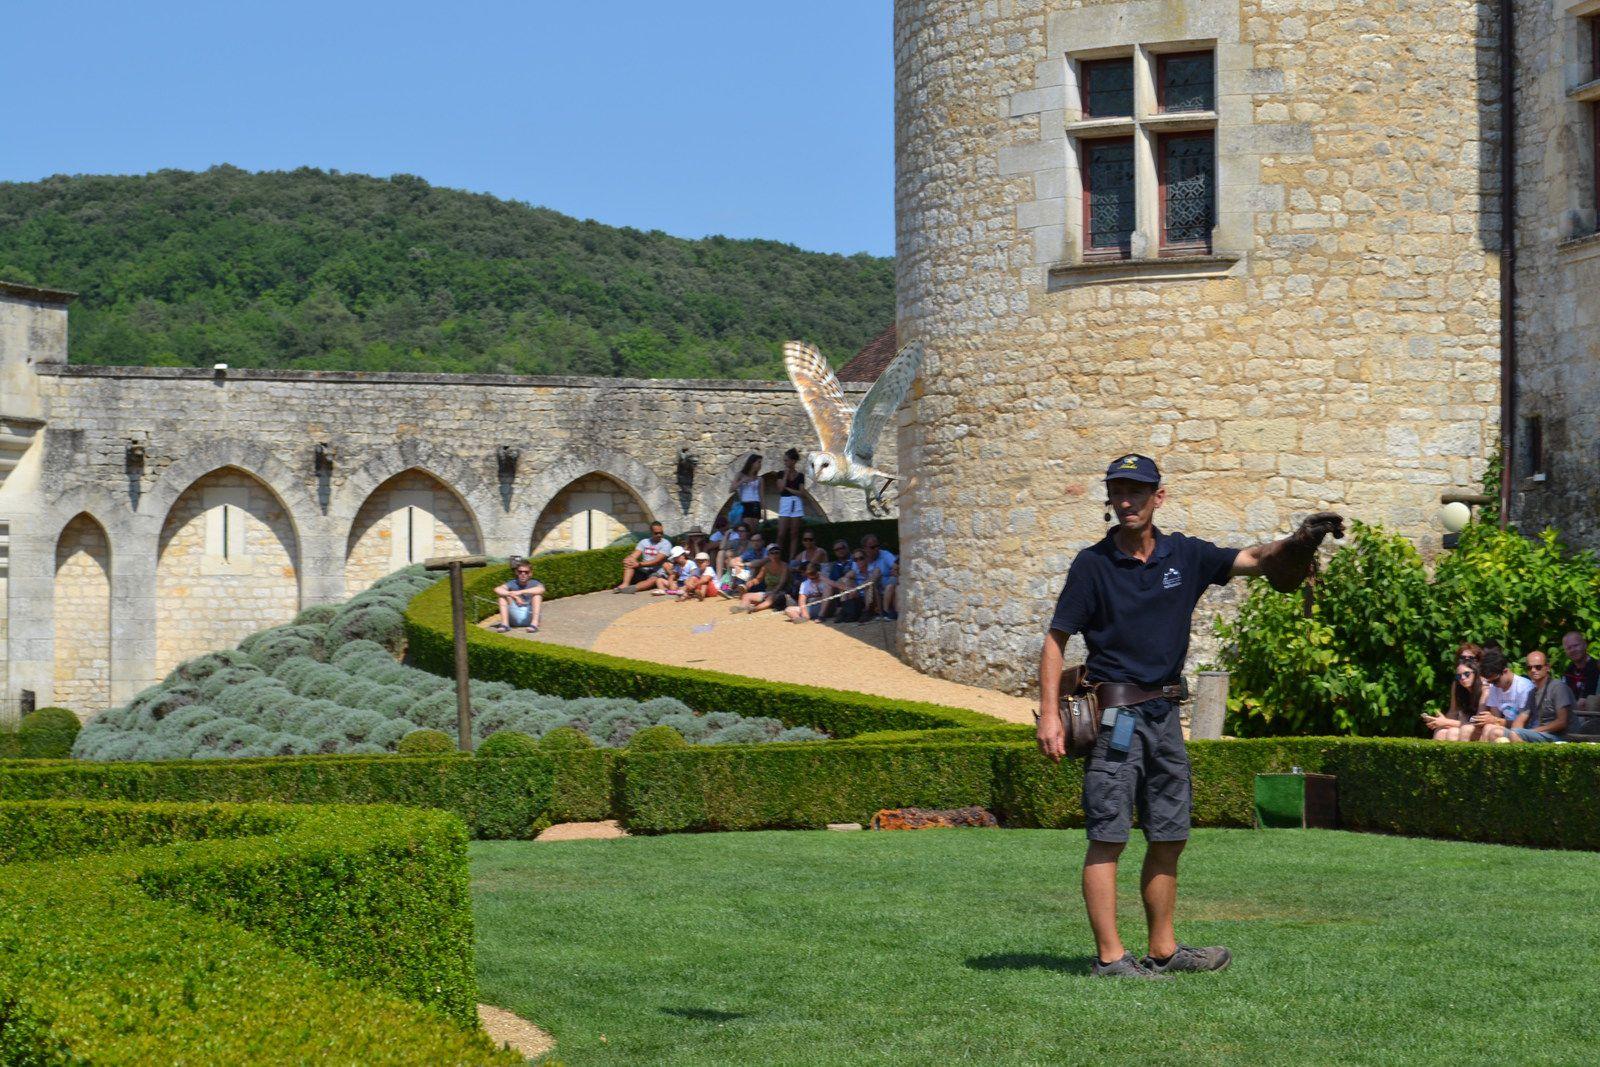 Spectacle de rapaces au château des Milandes...